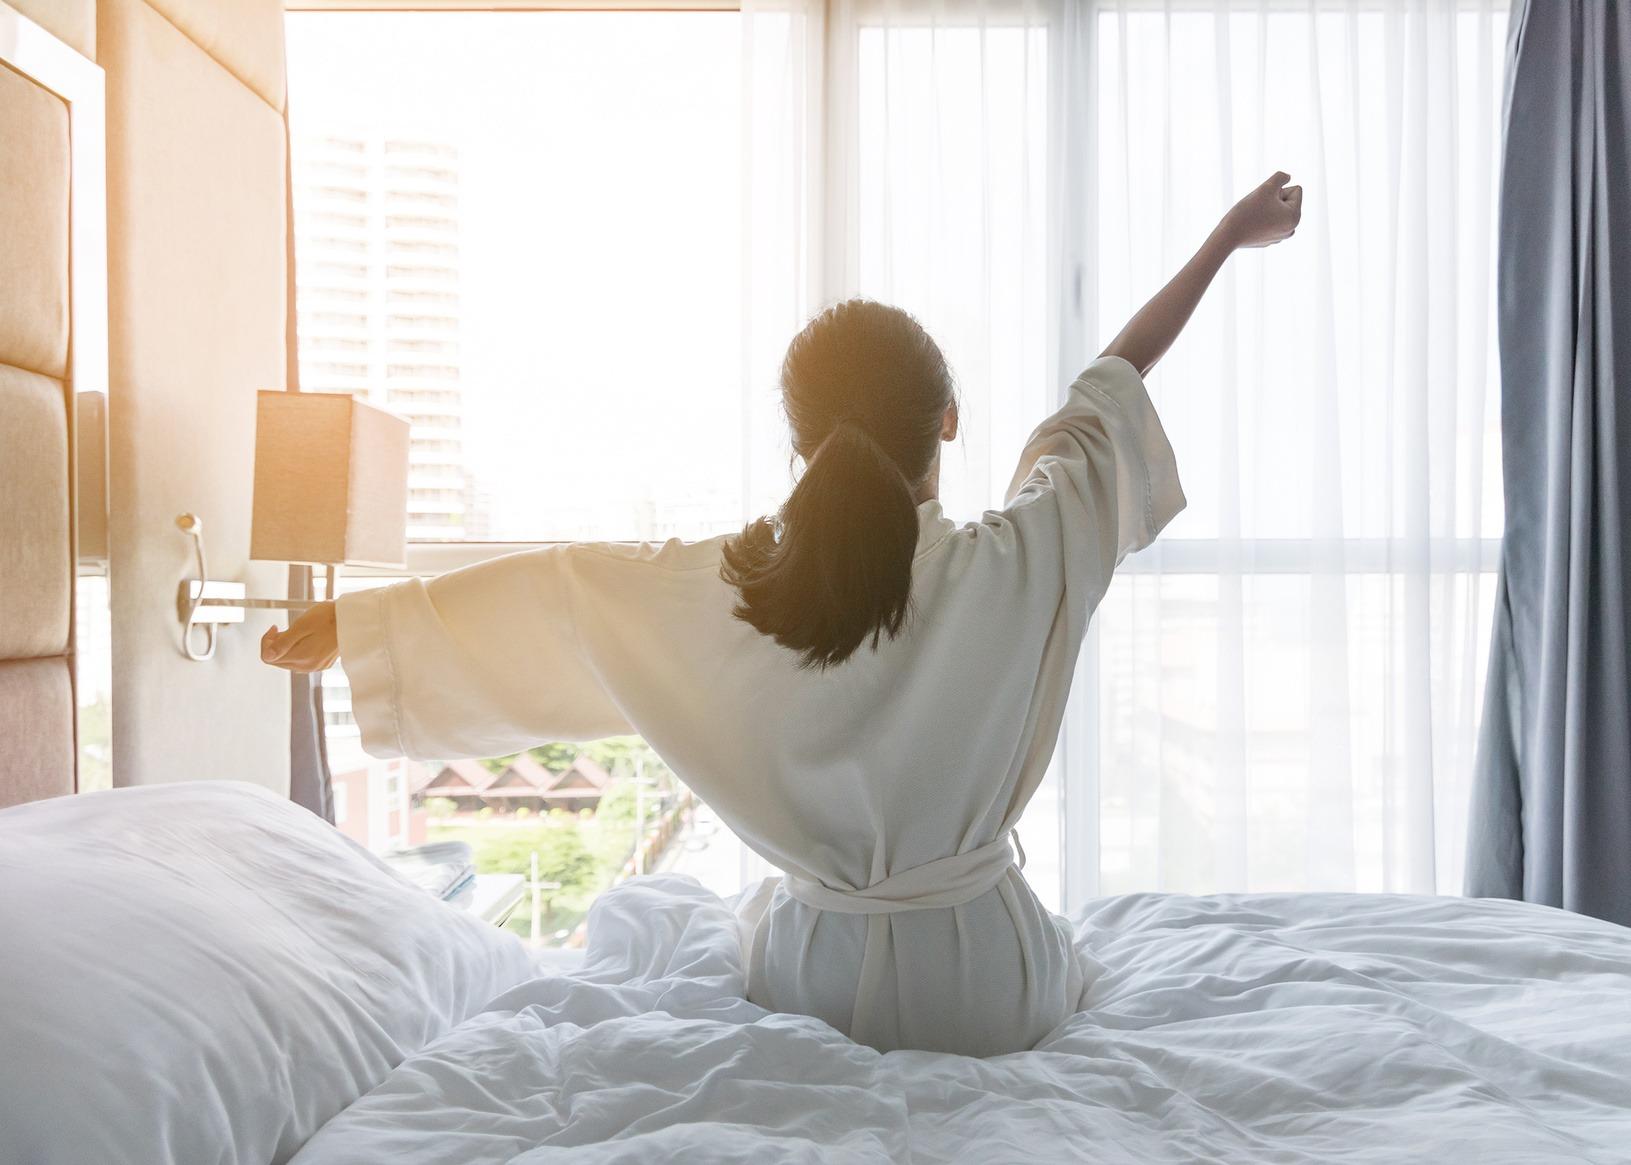 Eine junge Frau sitzt nach dem Aufstehen auf der Bettkante und streckt sich. Ausreichend Schlaf gehört für sie zu einer erfolgreichen Work Life Integration.